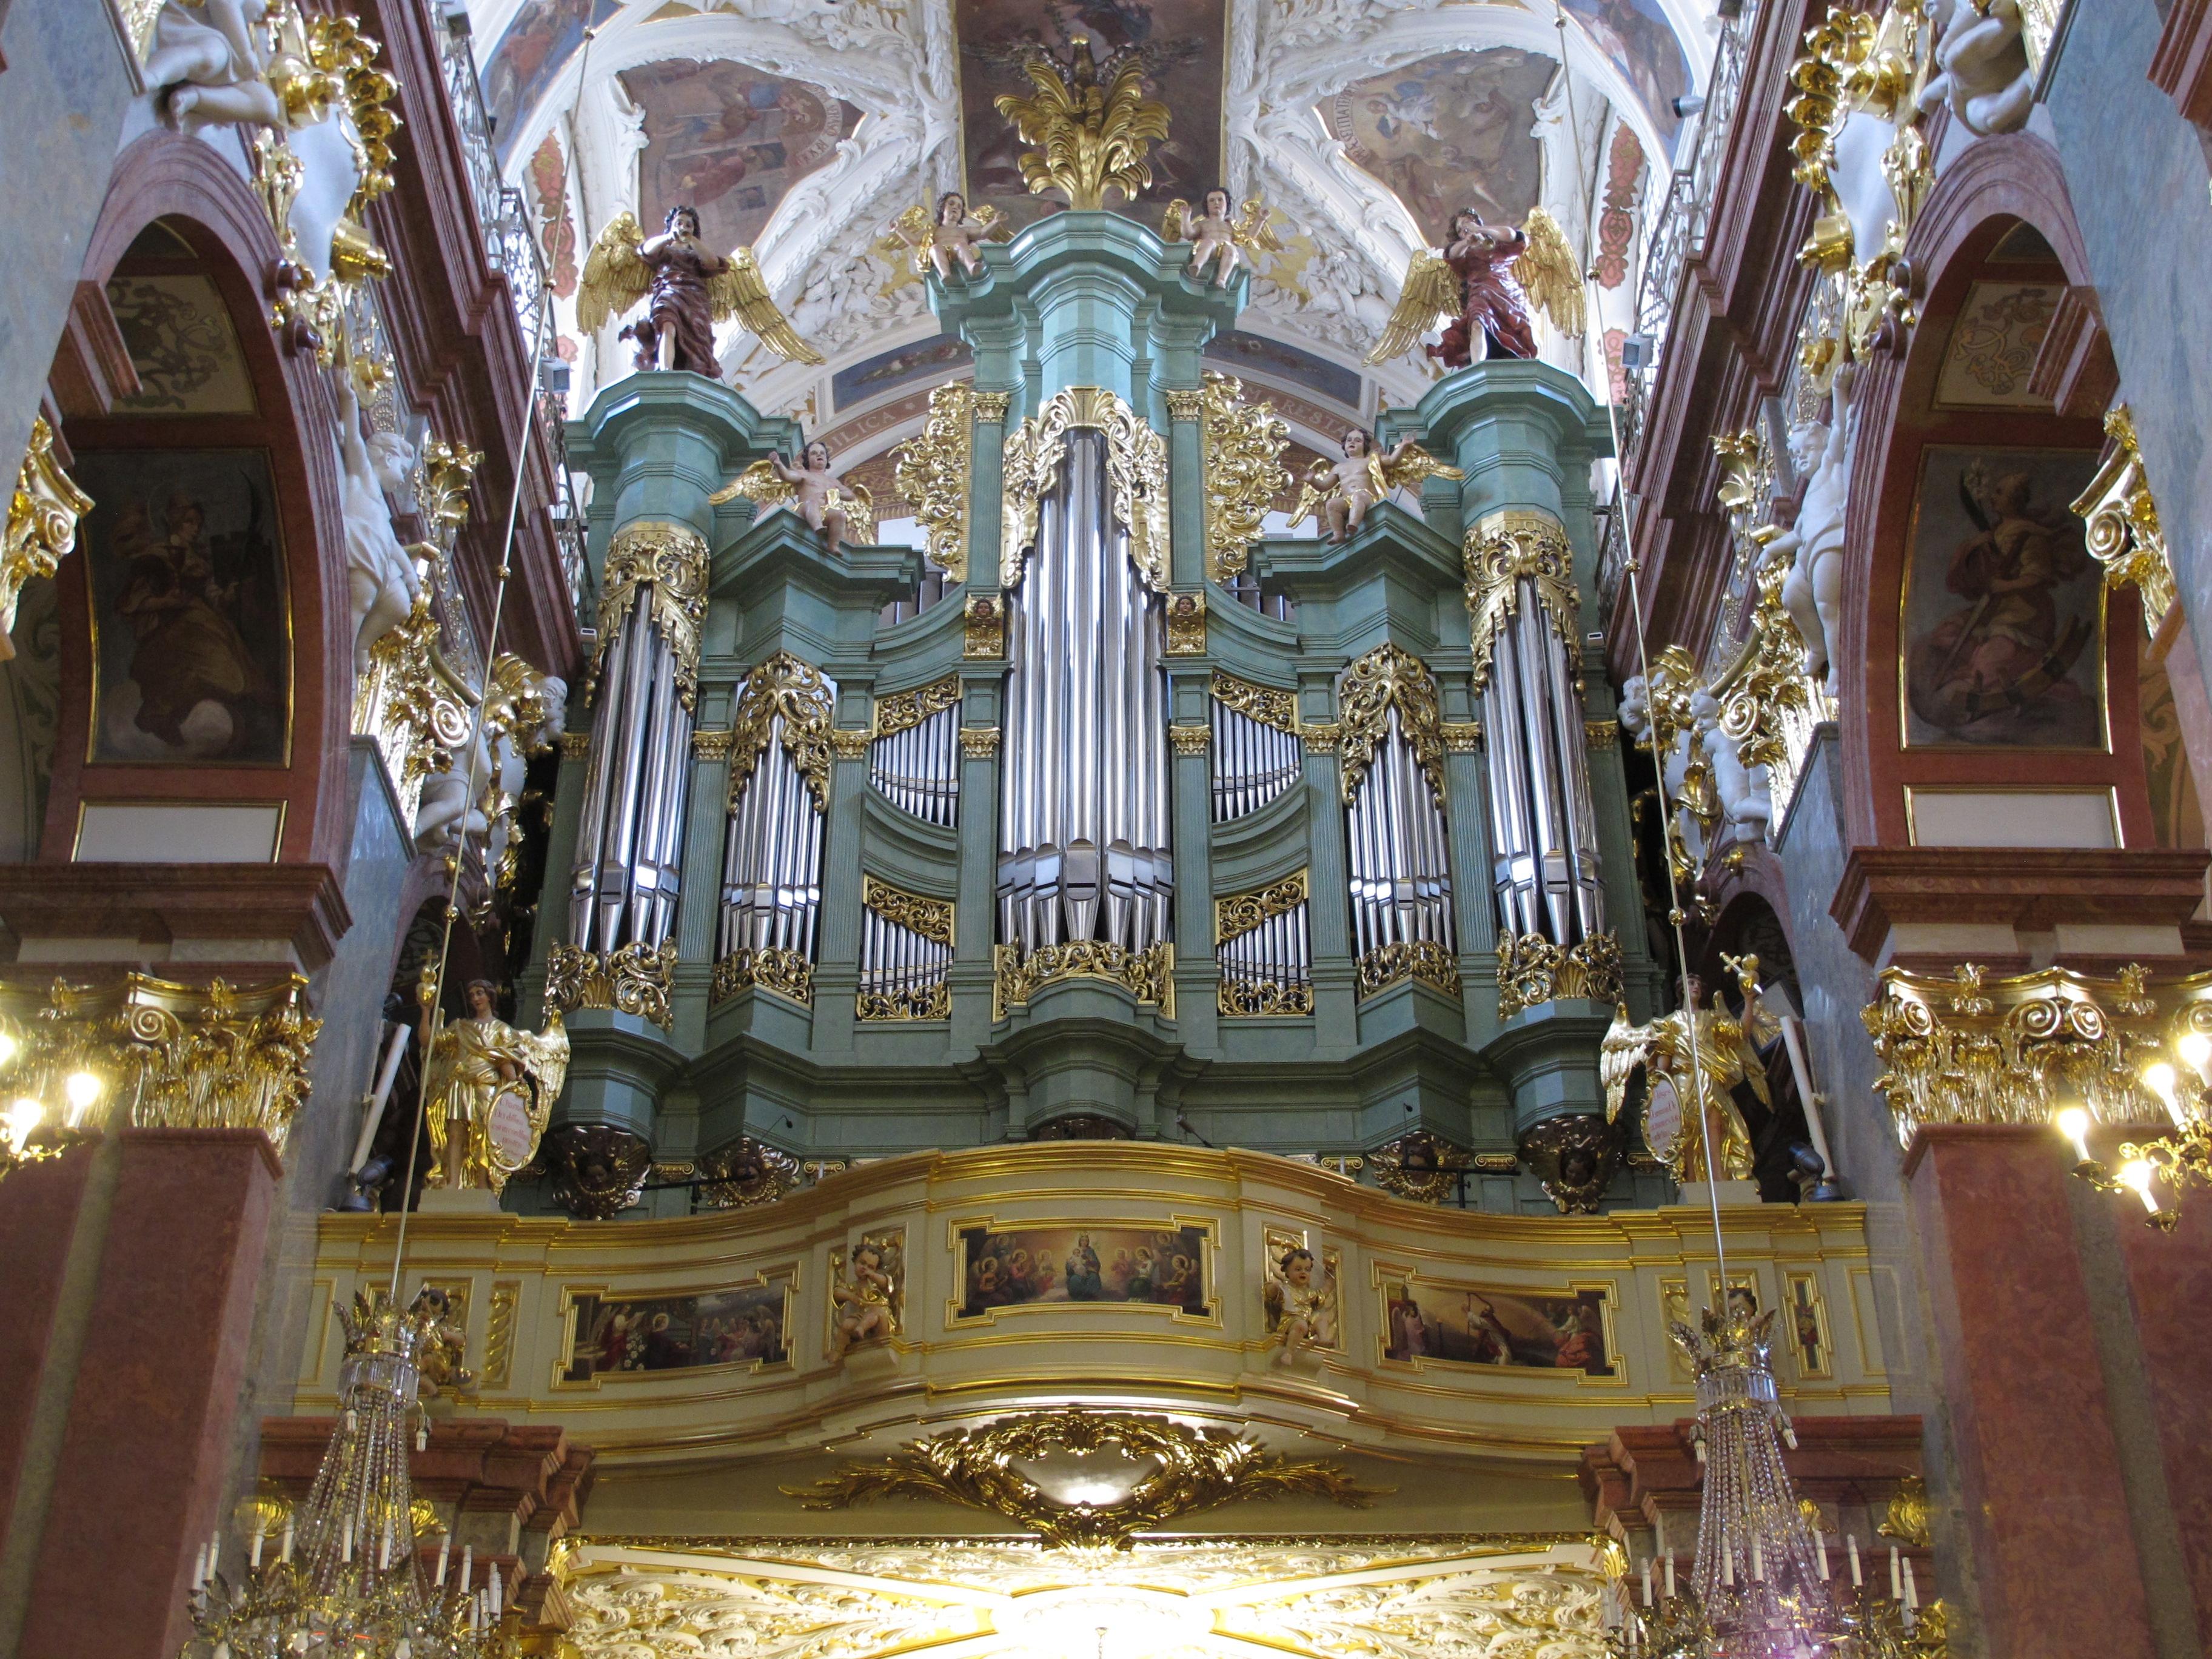 File:Czestochowa Jasna Gora bazylika 7.jpg - Wikimedia Commons